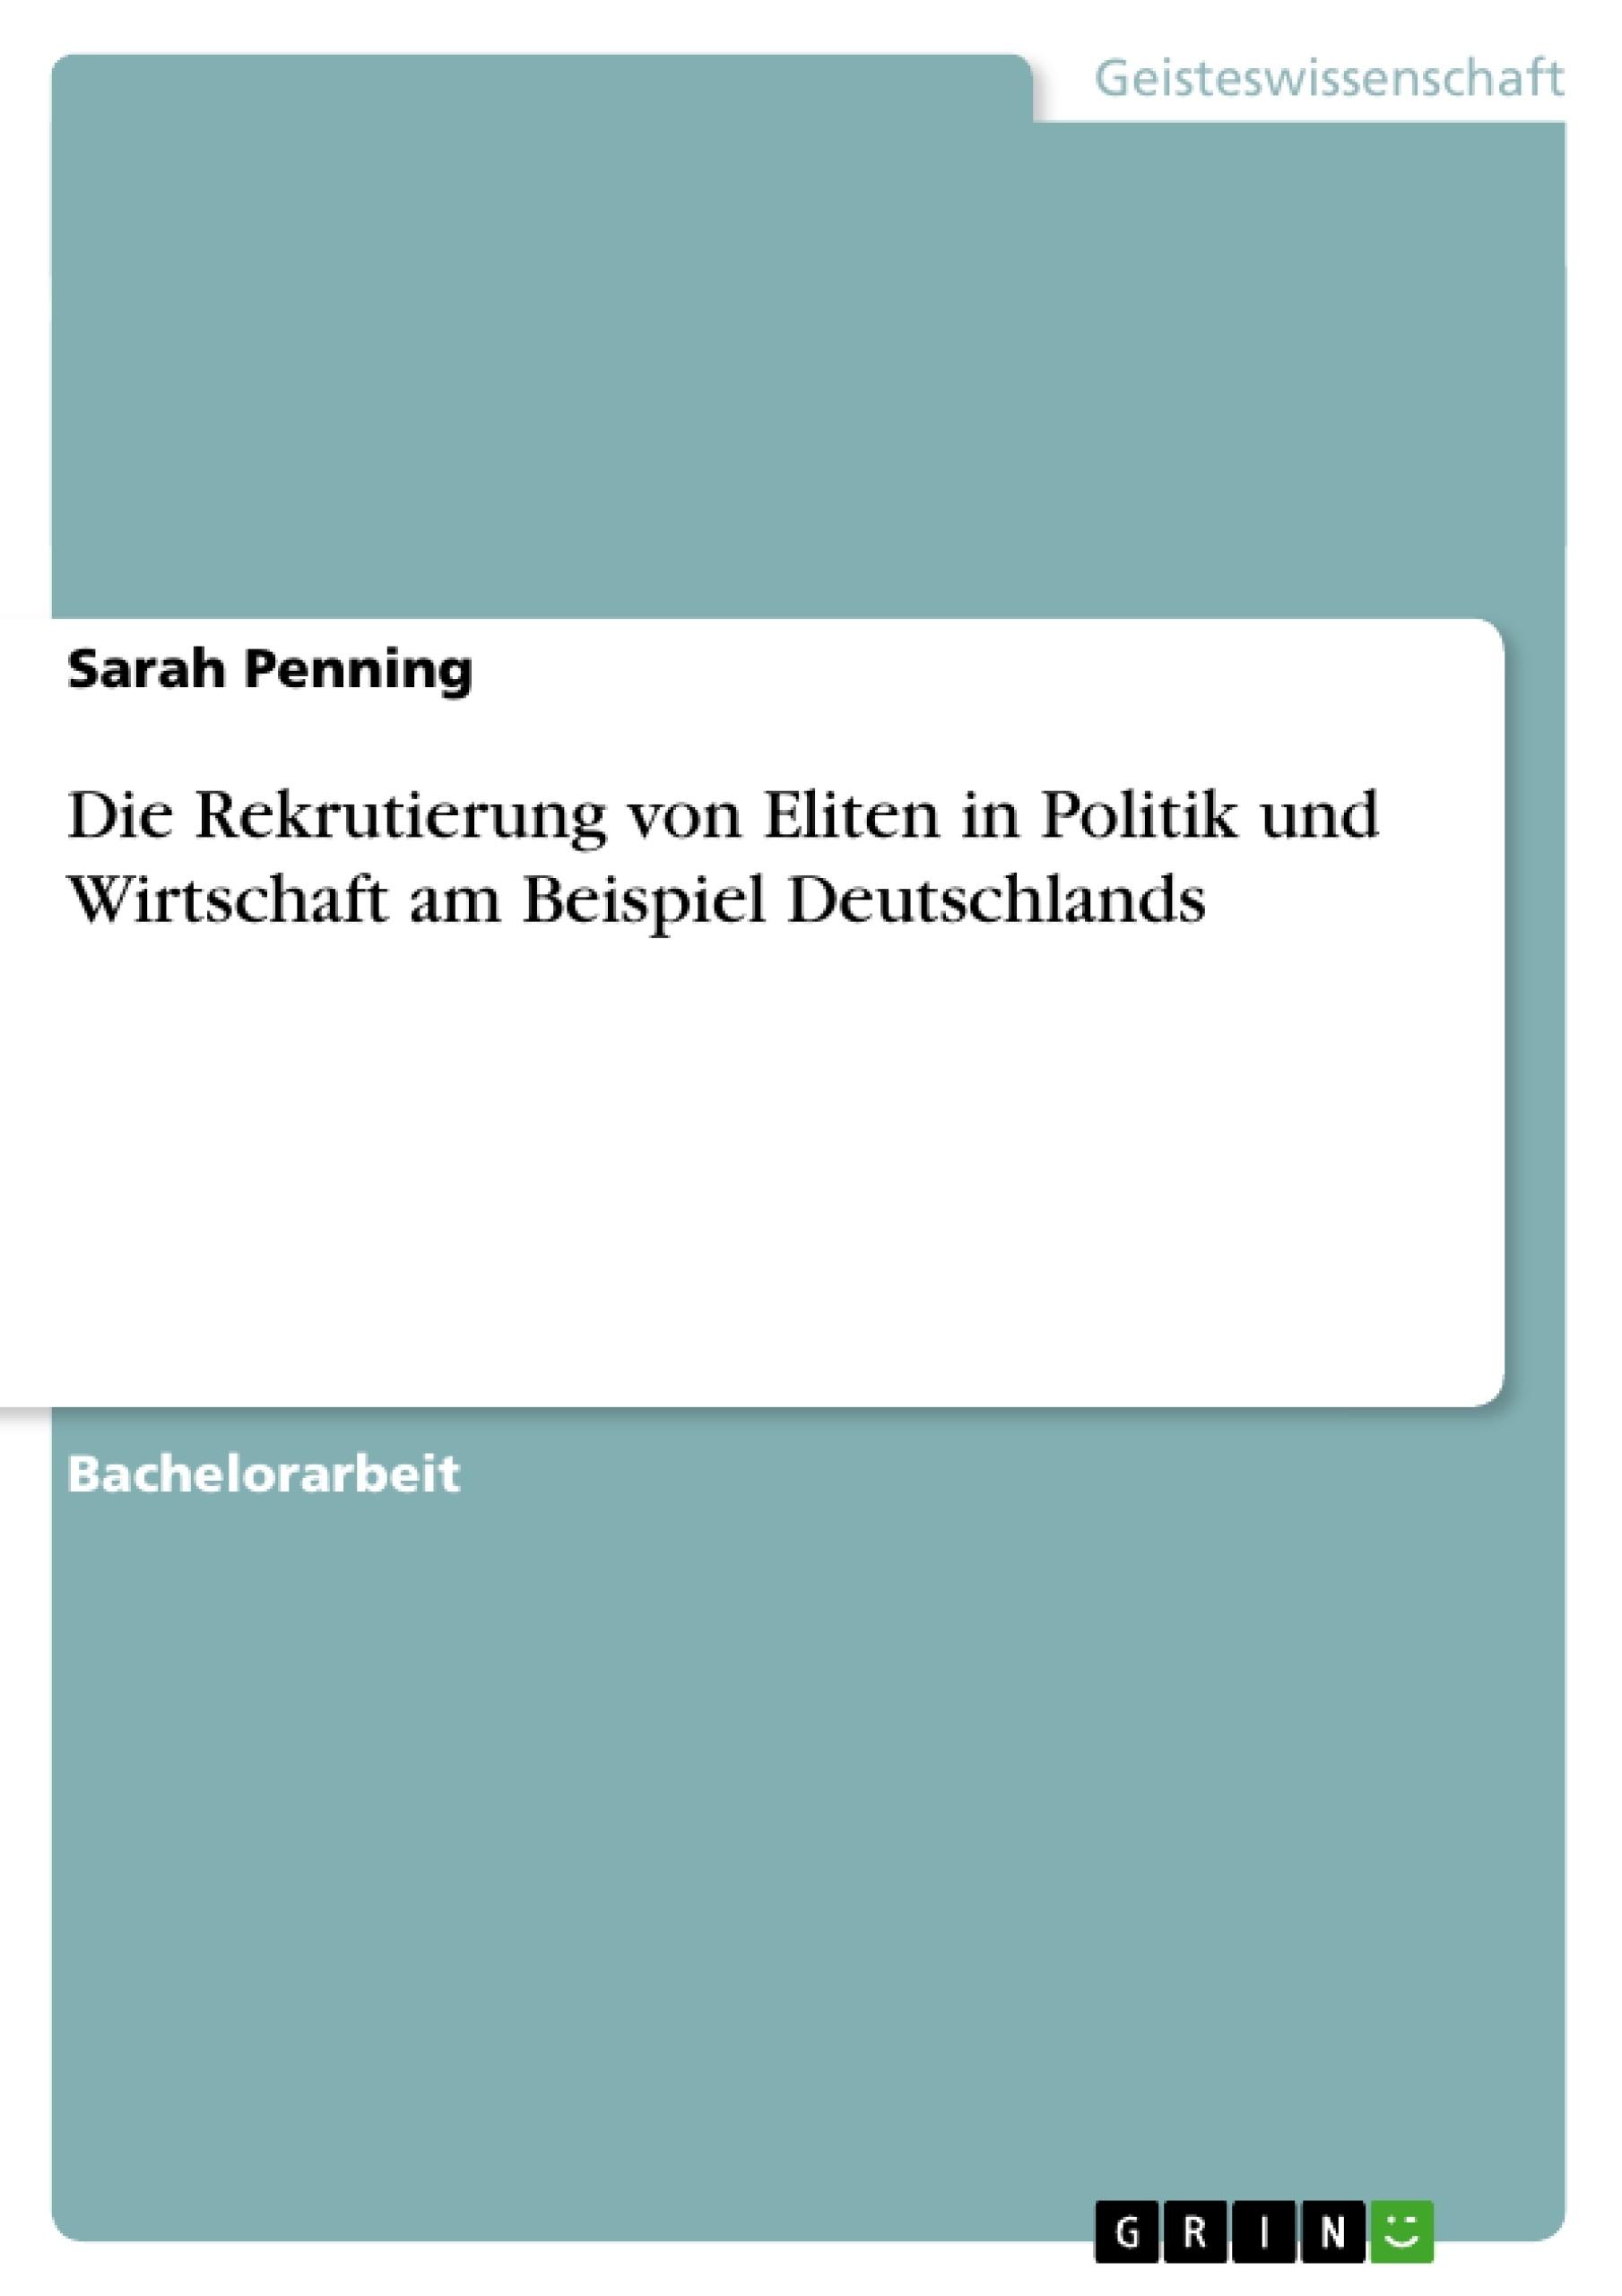 Titel: Die Rekrutierung von Eliten in Politik und Wirtschaft am Beispiel Deutschlands